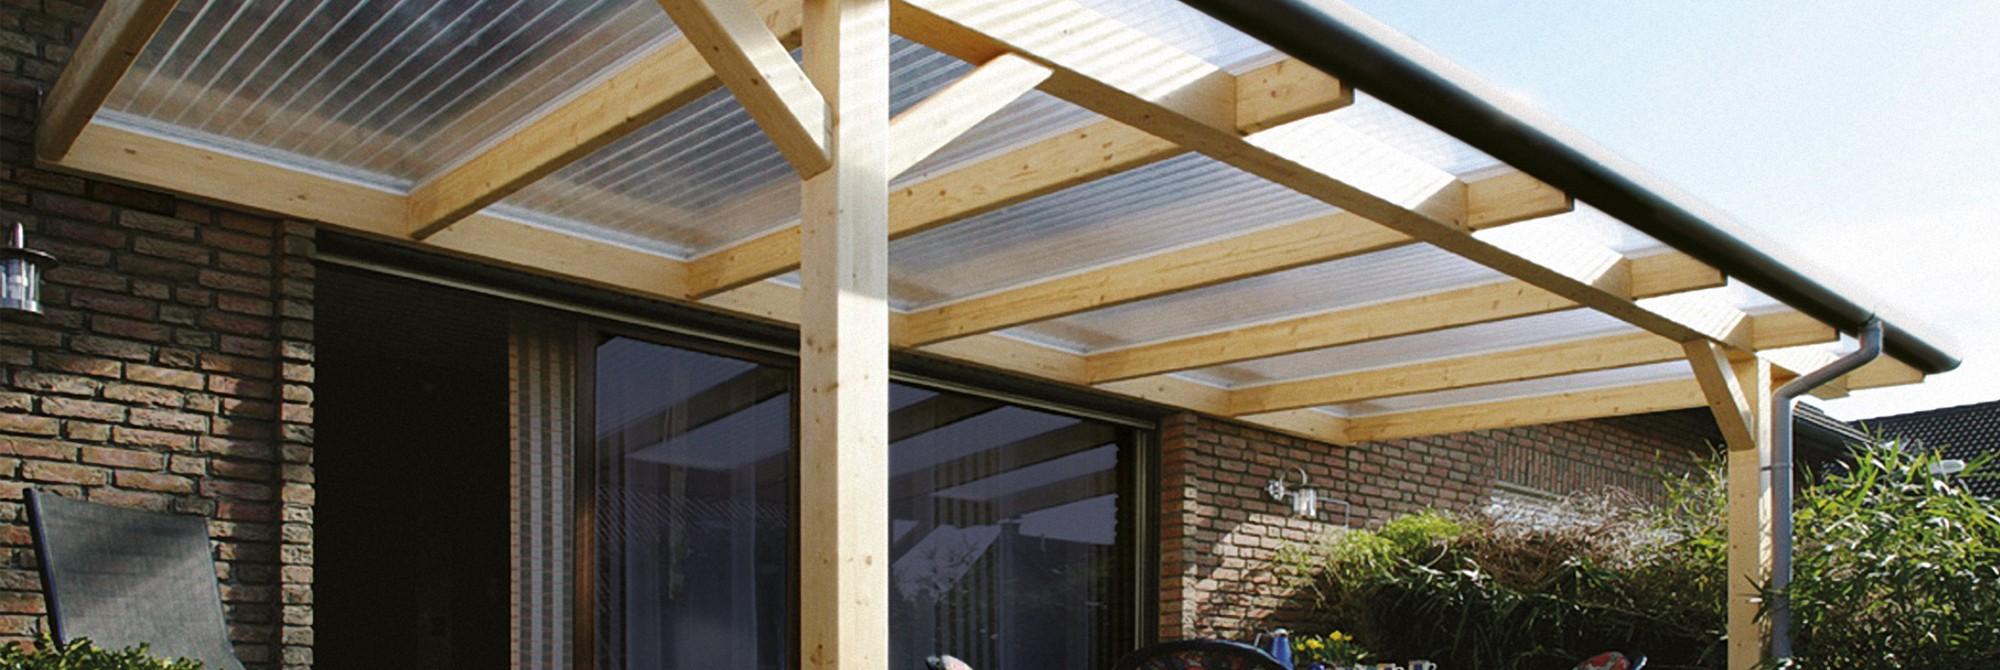 Plexiglas verandaplaten